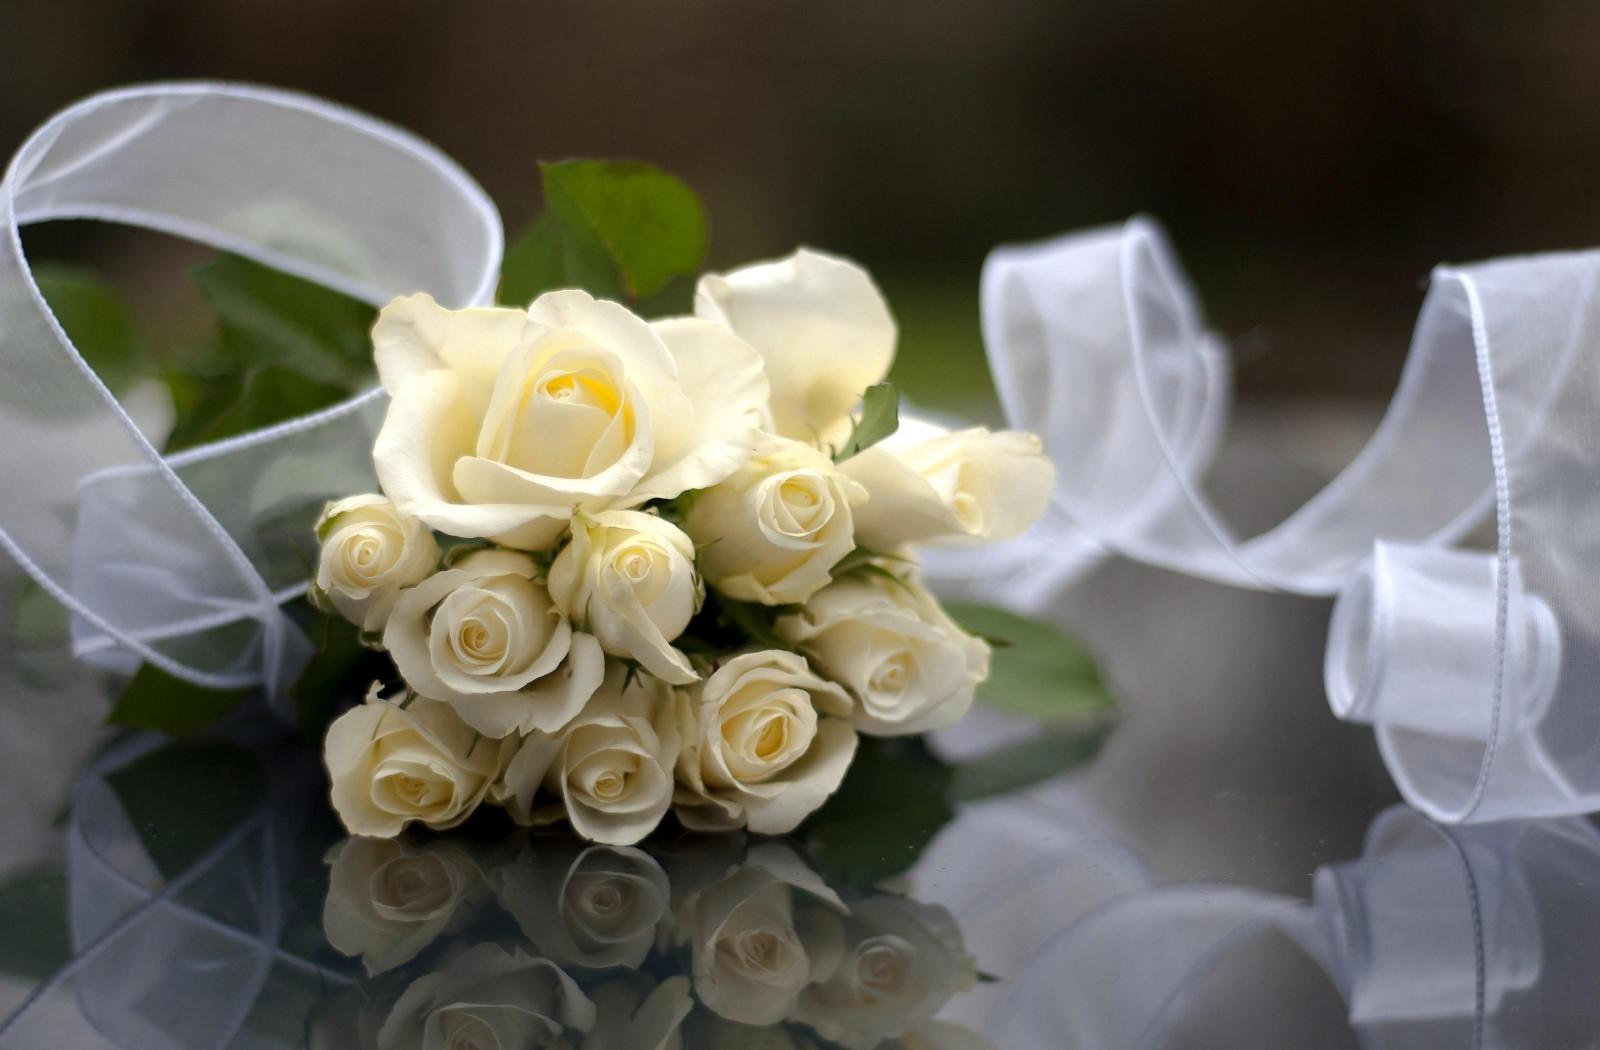 Мужчине 45-летием, свадебны цветы открытки